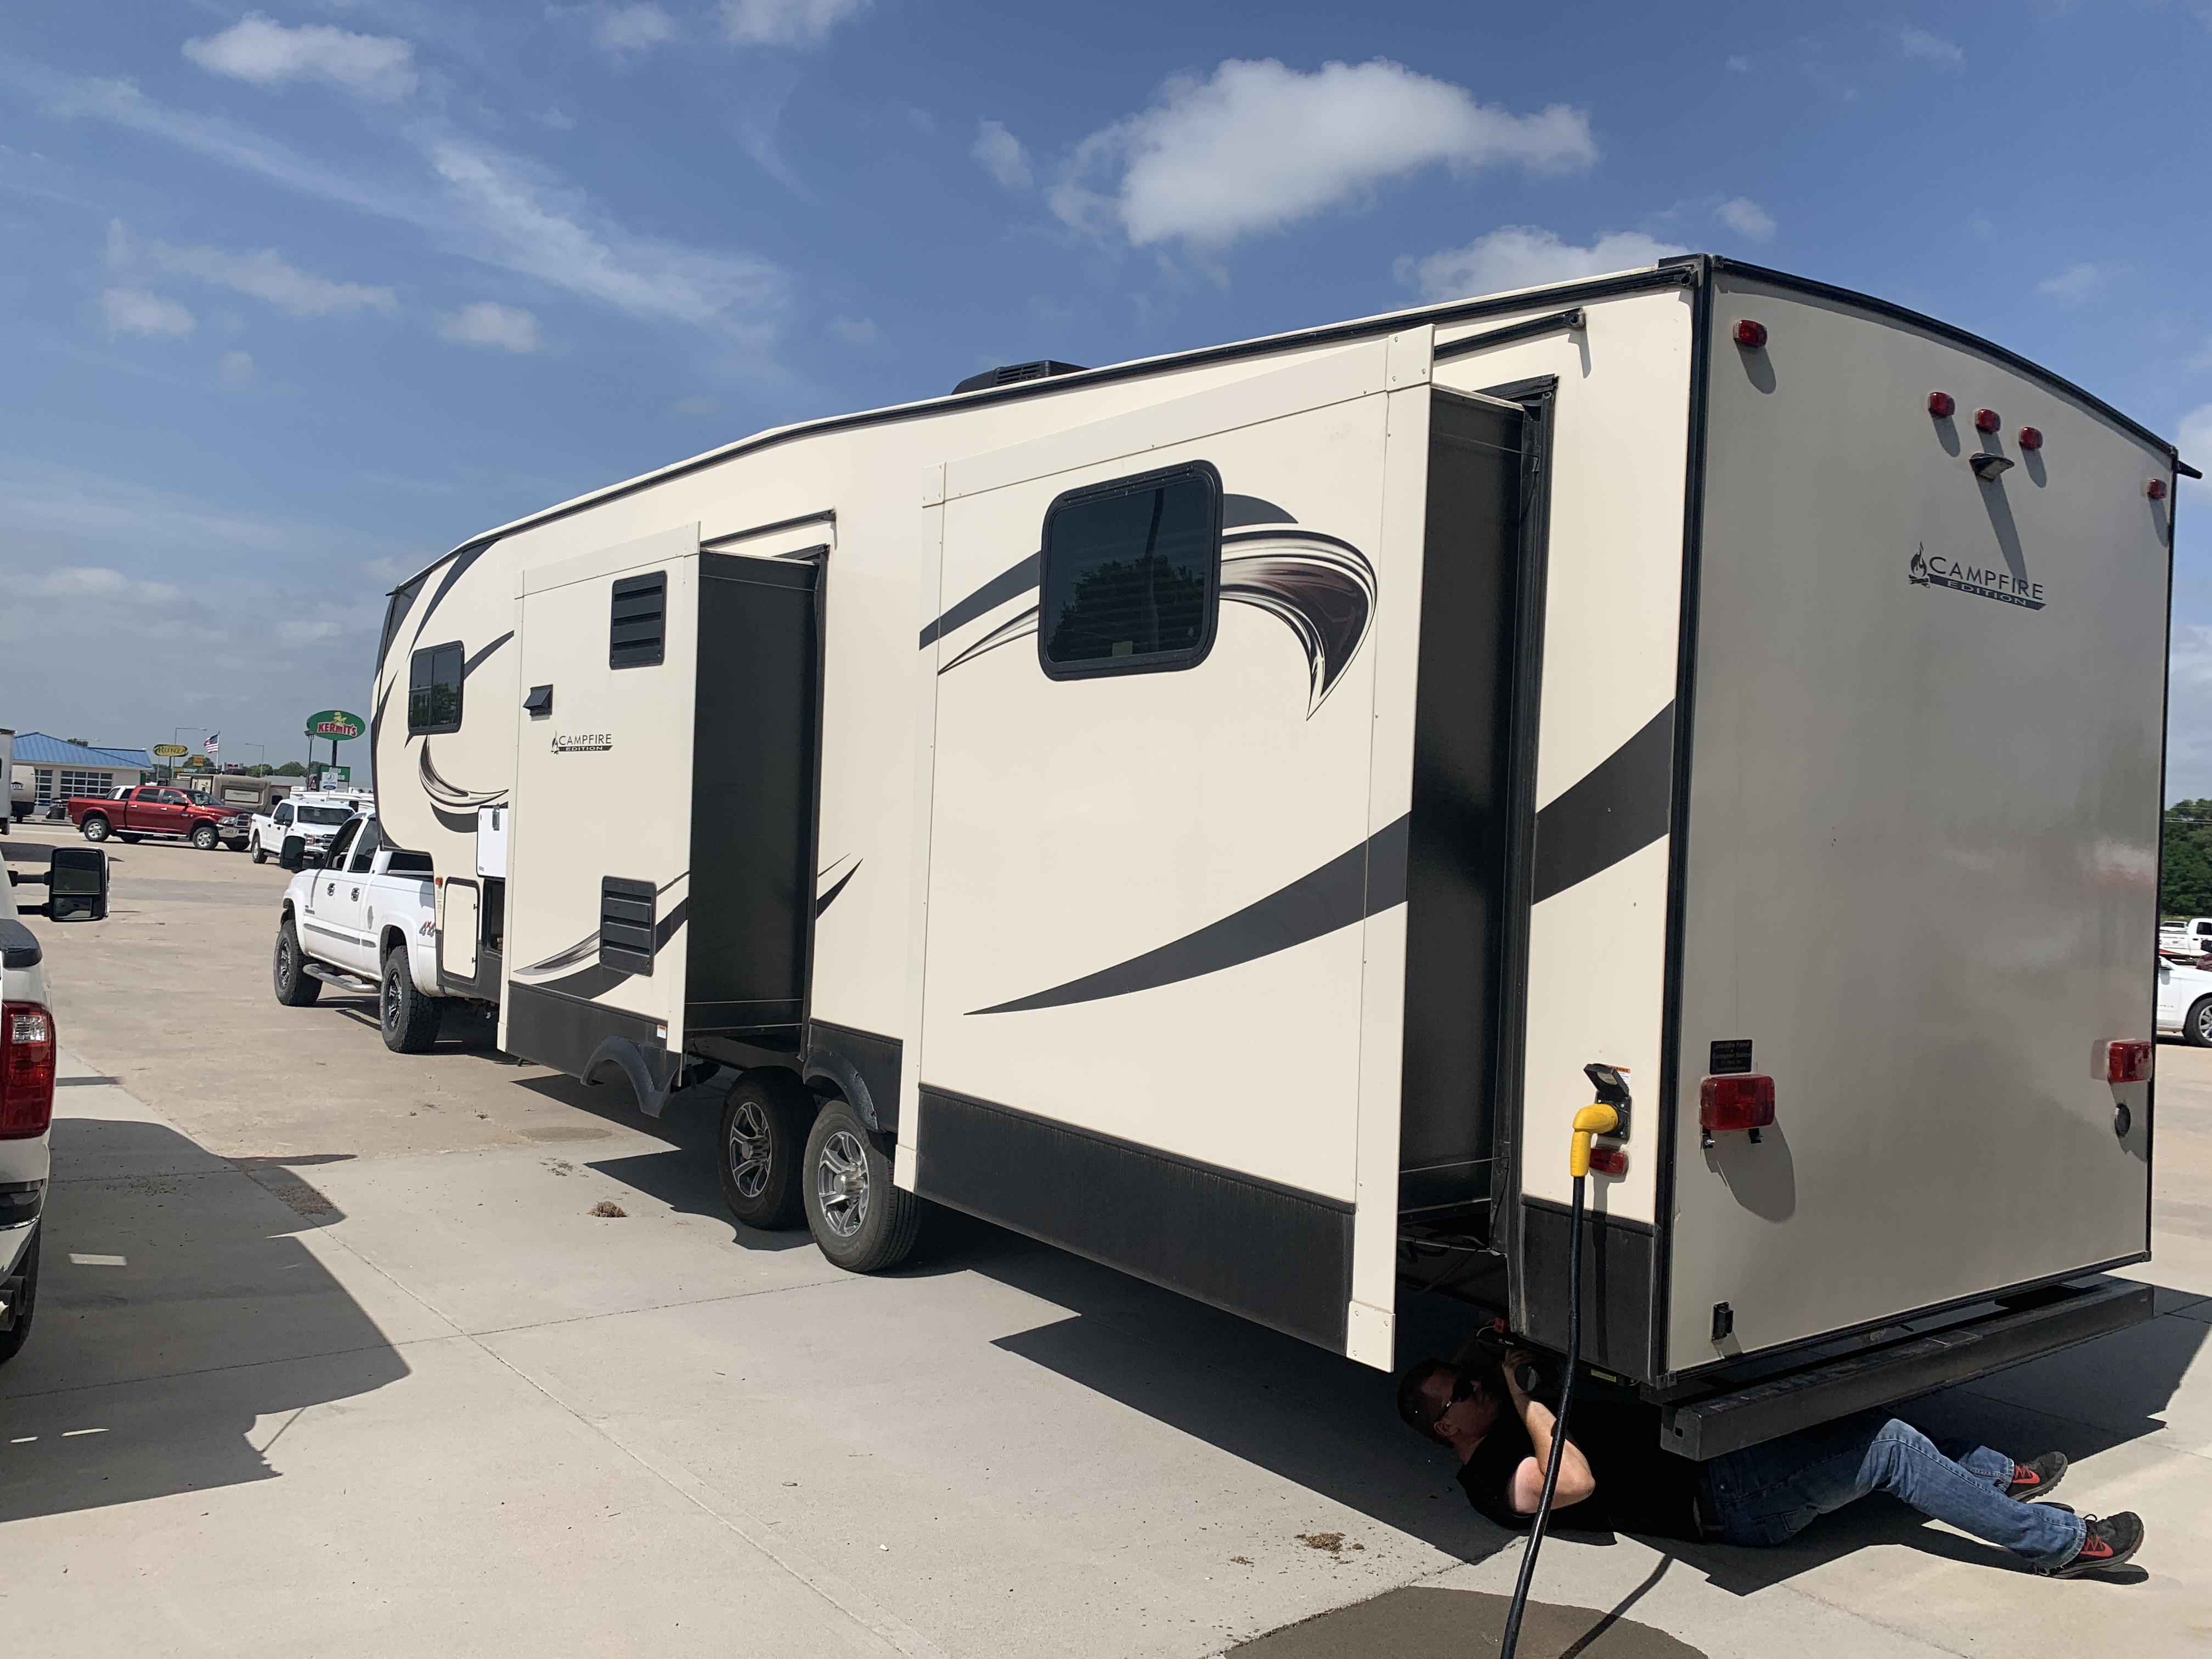 Keystone Sprinter Campfire 2019